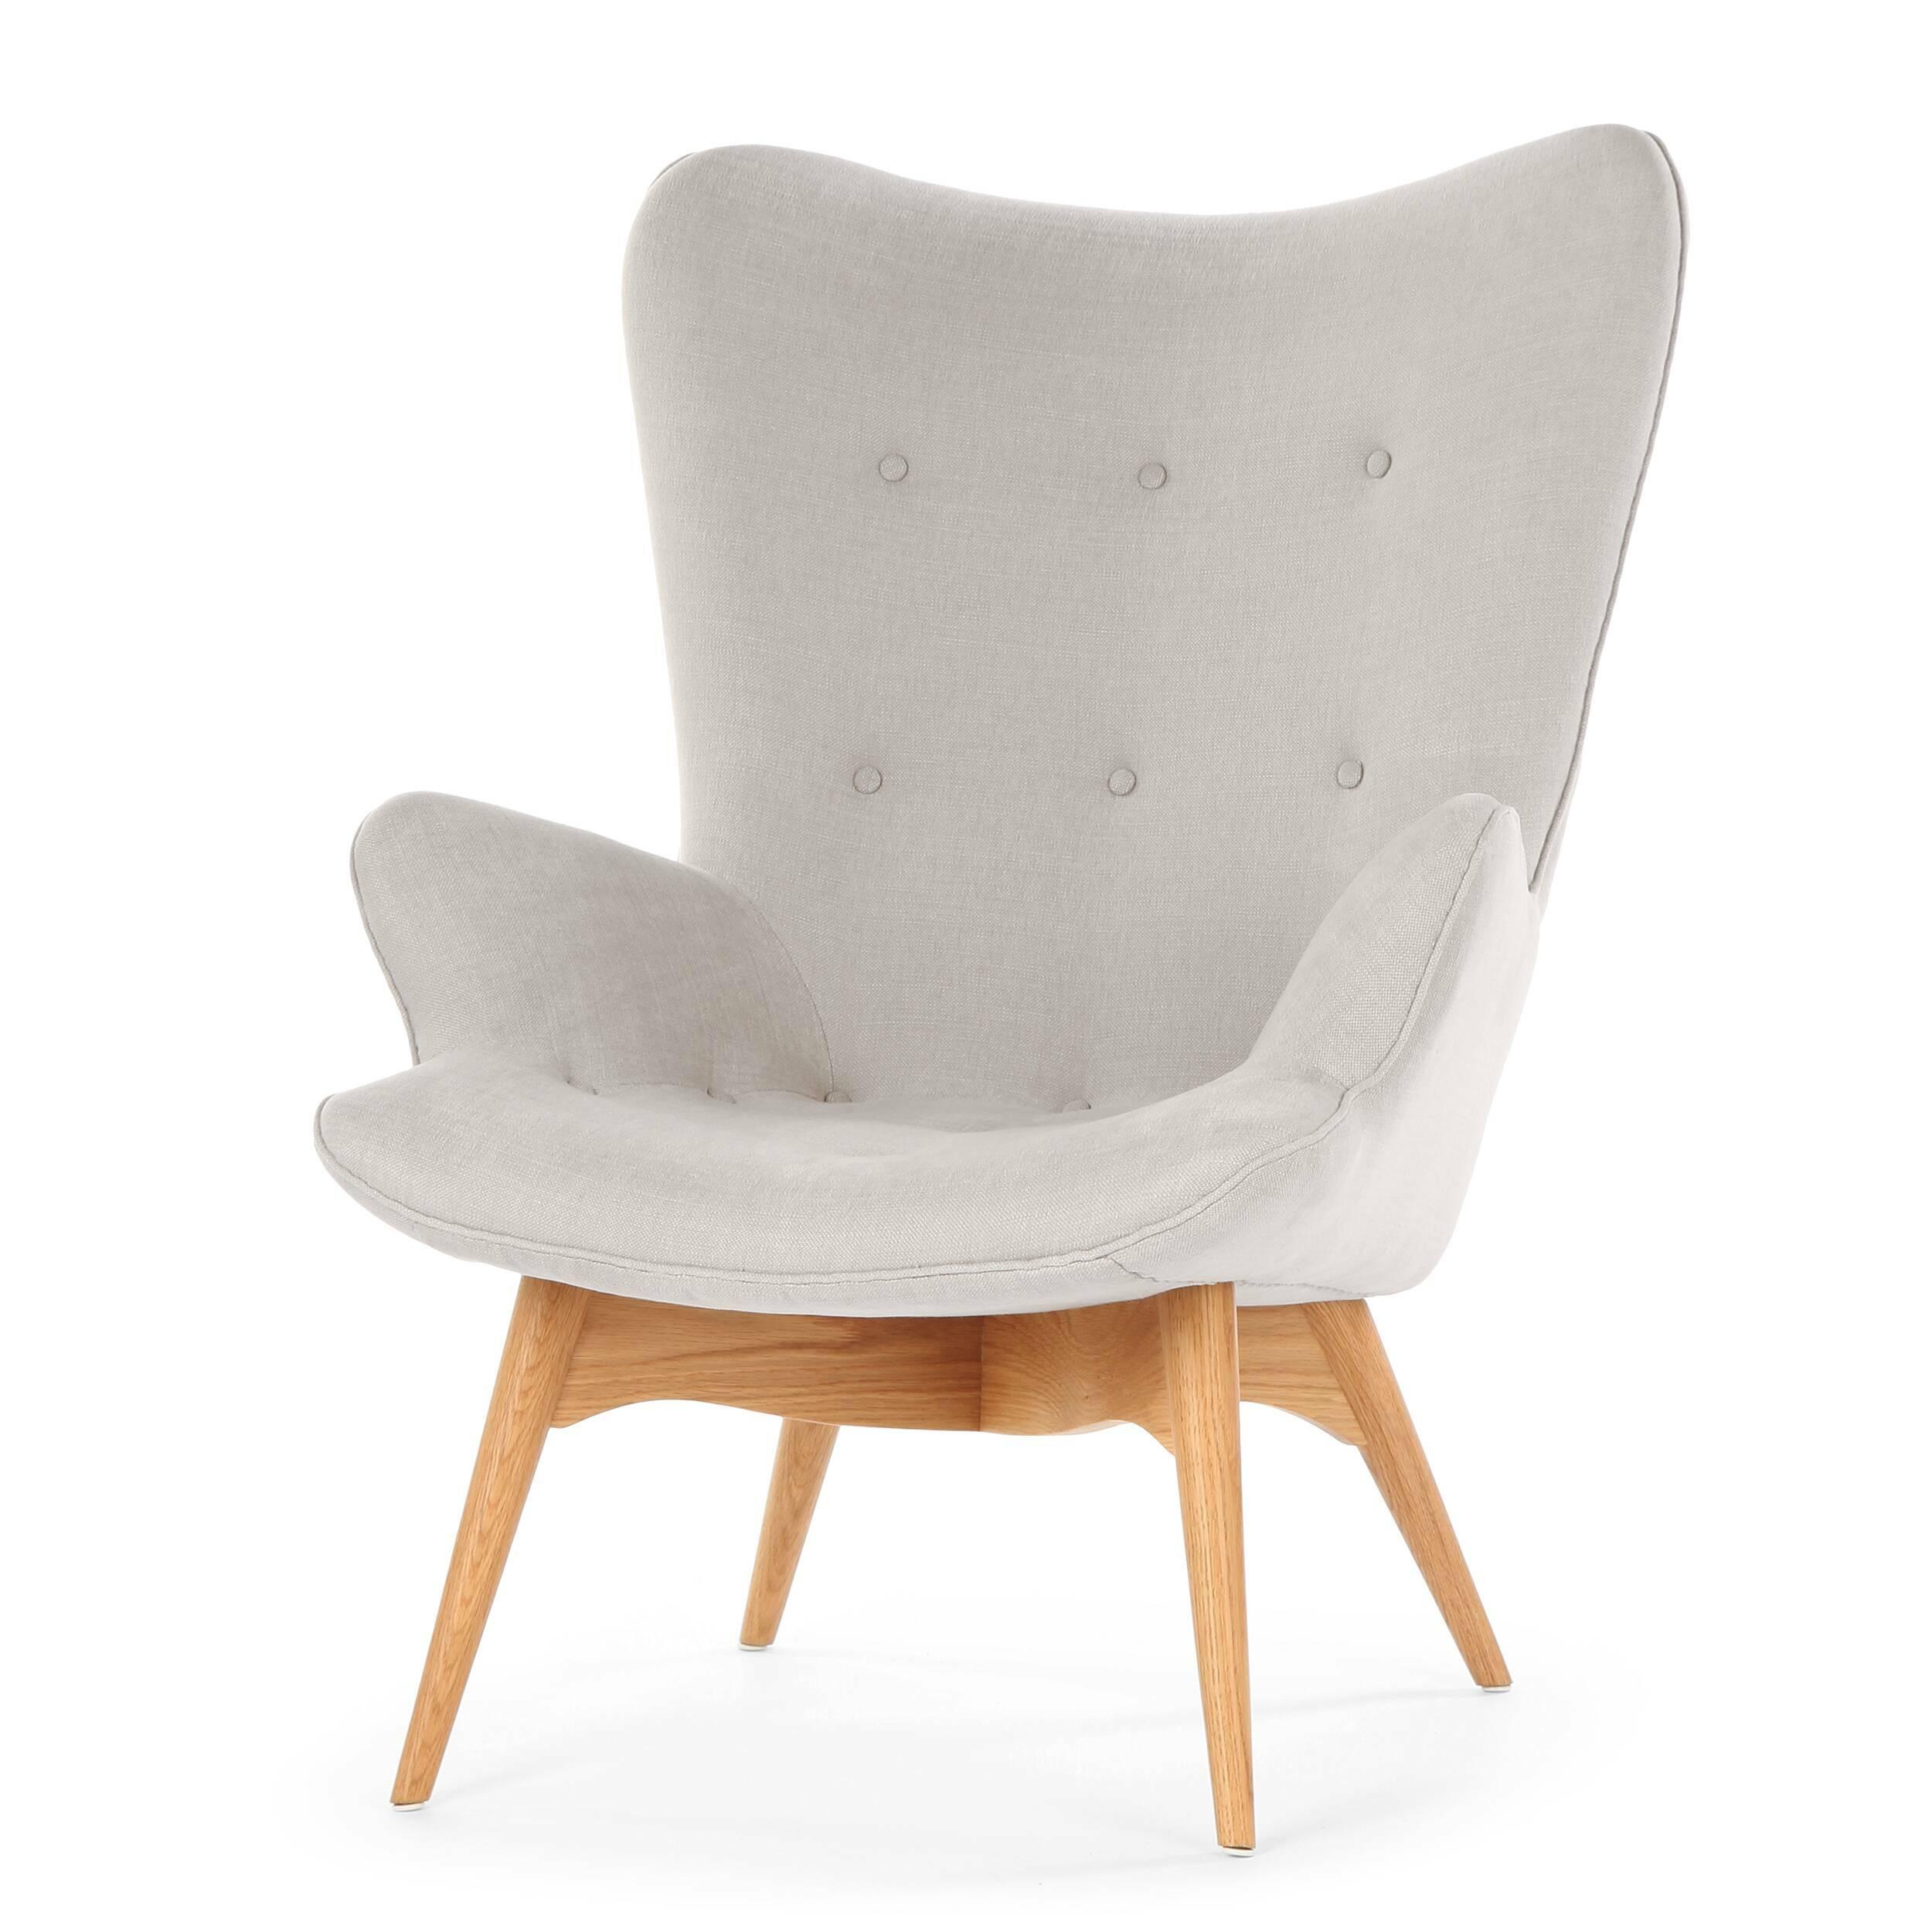 Кресло Contour 2Интерьерные<br>Дизайнерское глубокое кресло Contour 2 (Кантур 2) обивкой из ткани на деревянных ножках от Cosmo (Космо).<br><br><br> Австралийцы любят хороший дизайн во всем, от оформления винных бочонков до серферных досок. Одним из самых ярких дизайнеров стал художник Грант Фезерстон, который начал заниматься дизайном в сороковых годах прошлого столетия и с тех пор стал иконой стиля во всем мире.<br><br><br> Идеальное как для прихожей, так и для гостиной, оригинальное кресло Contour знаменует собой значительный о...<br><br>stock: 4<br>Высота: 91<br>Высота сиденья: 37<br>Ширина: 73,5<br>Глубина: 83<br>Цвет ножек: Дуб<br>Материал ножек: Массив дуба<br>Материал обивки: Хлопок, Лен<br>Коллекция ткани: Ray Fabric<br>Тип материала обивки: Ткань<br>Тип материала ножек: Дерево<br>Цвет обивки: Светло-серый